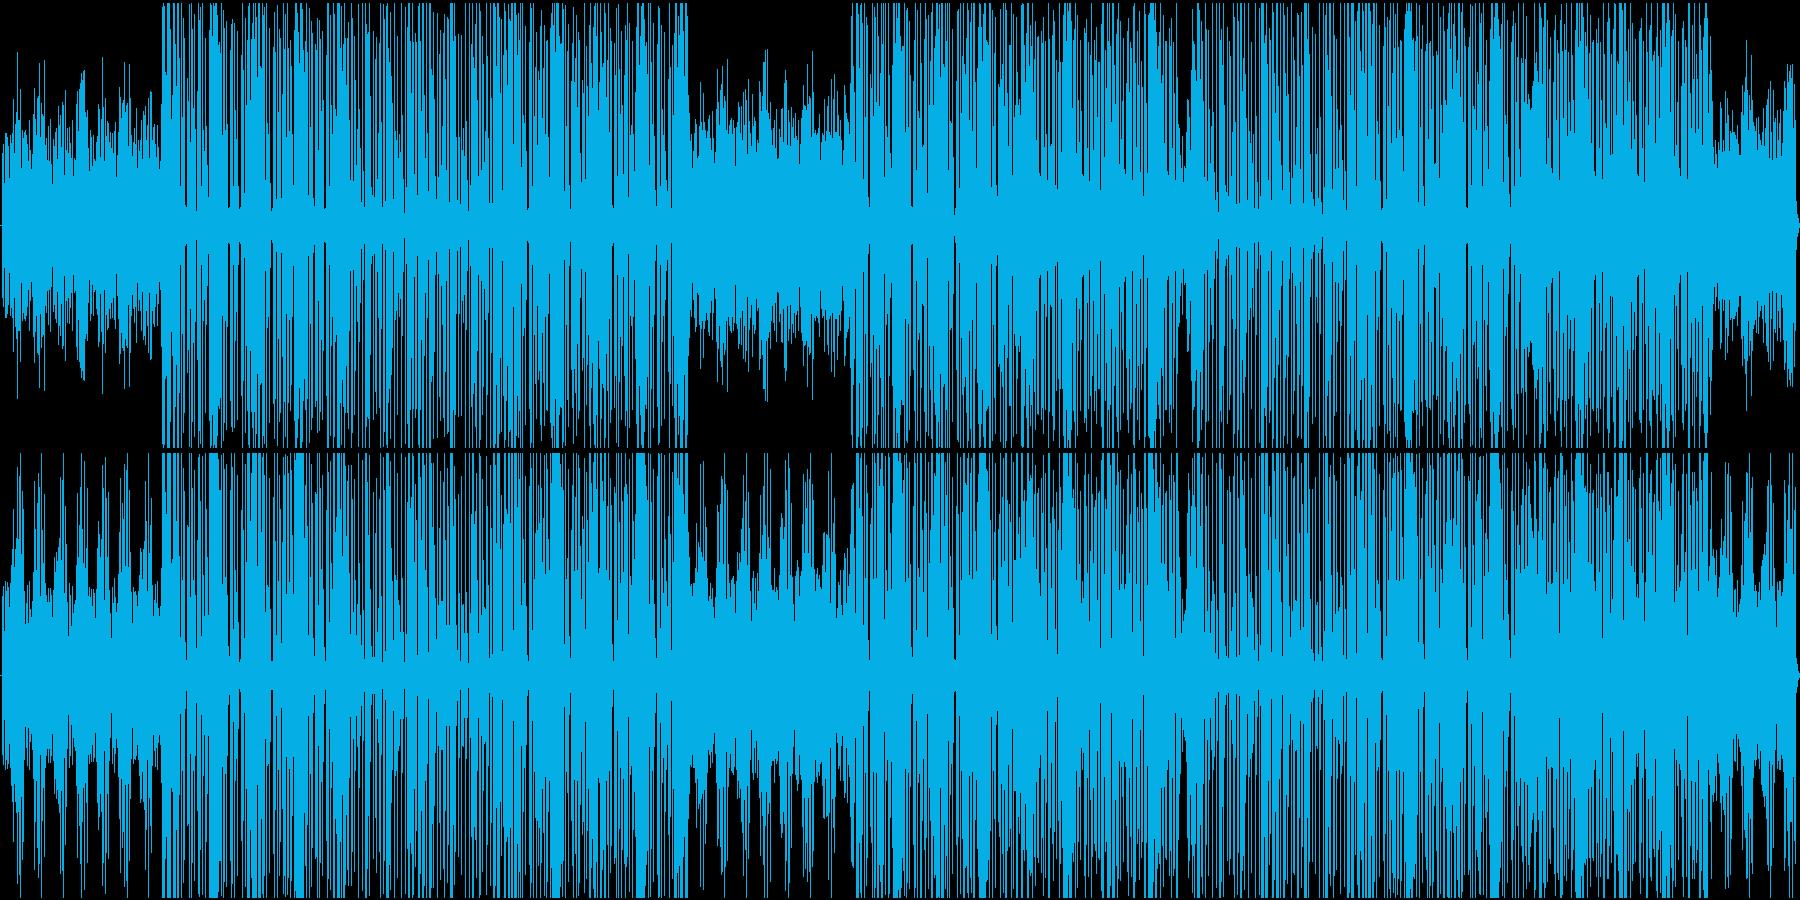 ラテンダンスミュージックの再生済みの波形